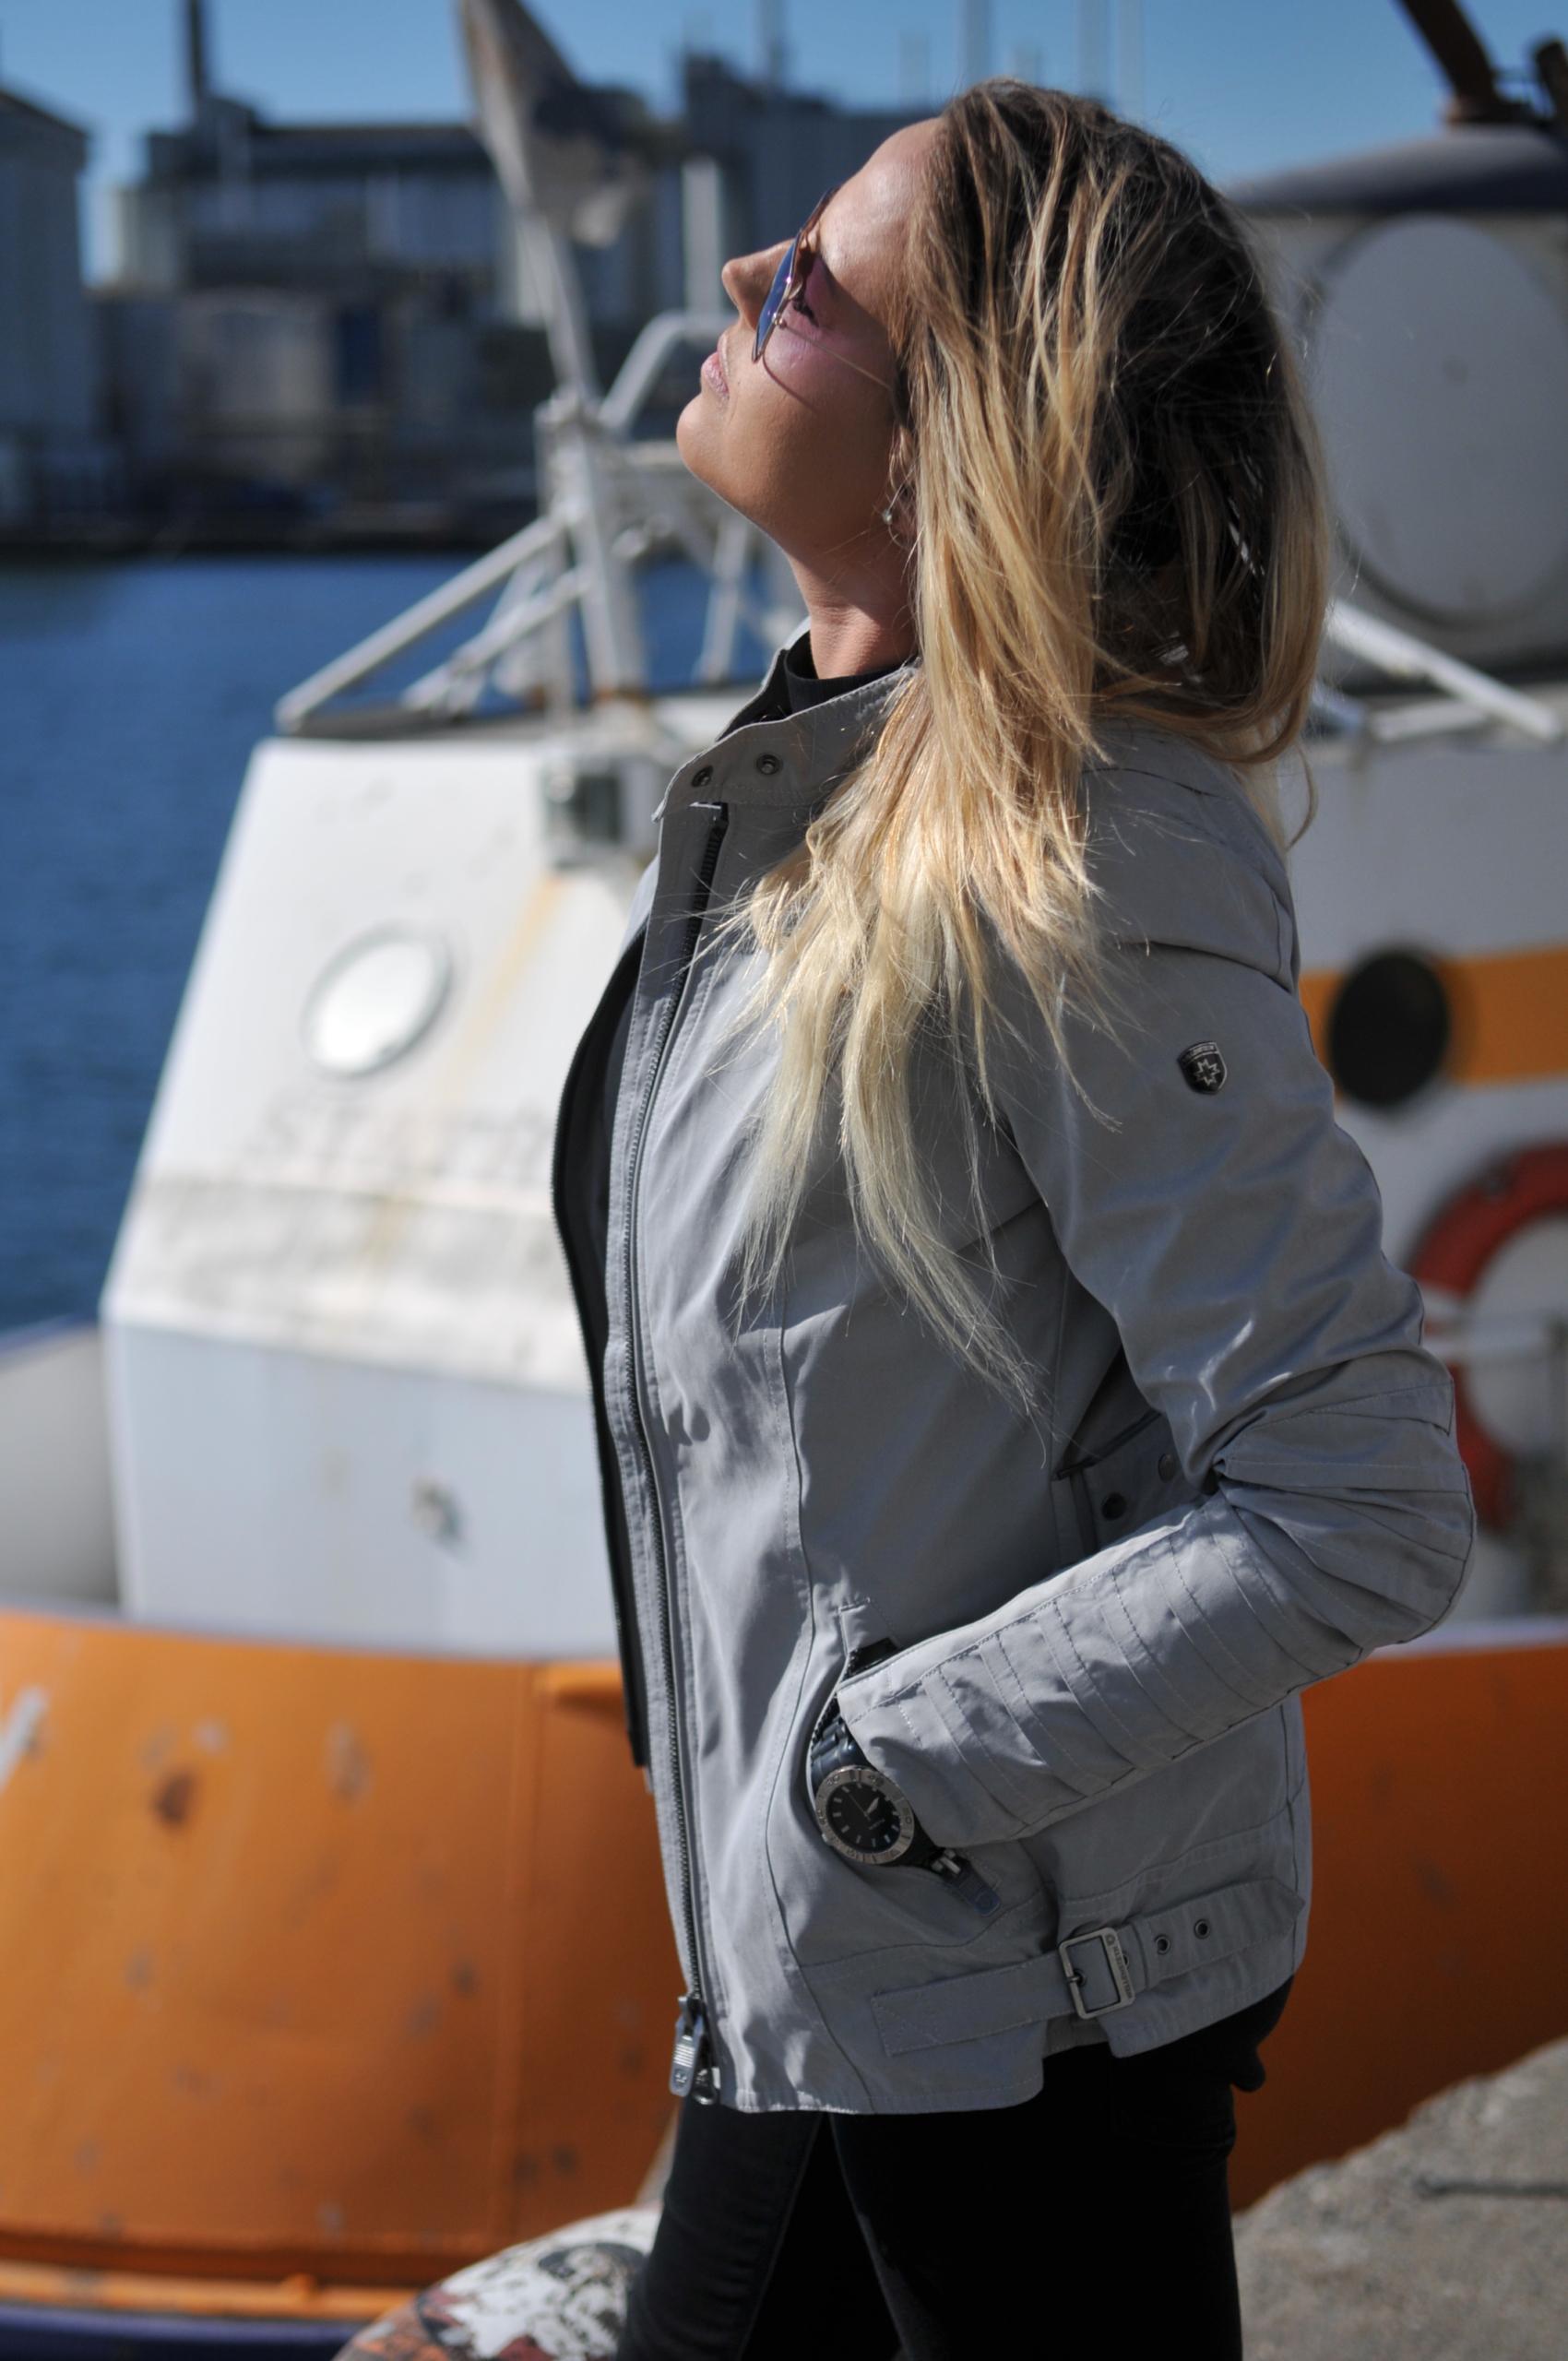 Image of   Airjet lady sommerjakke fra Wellensteyn - UDGÅR